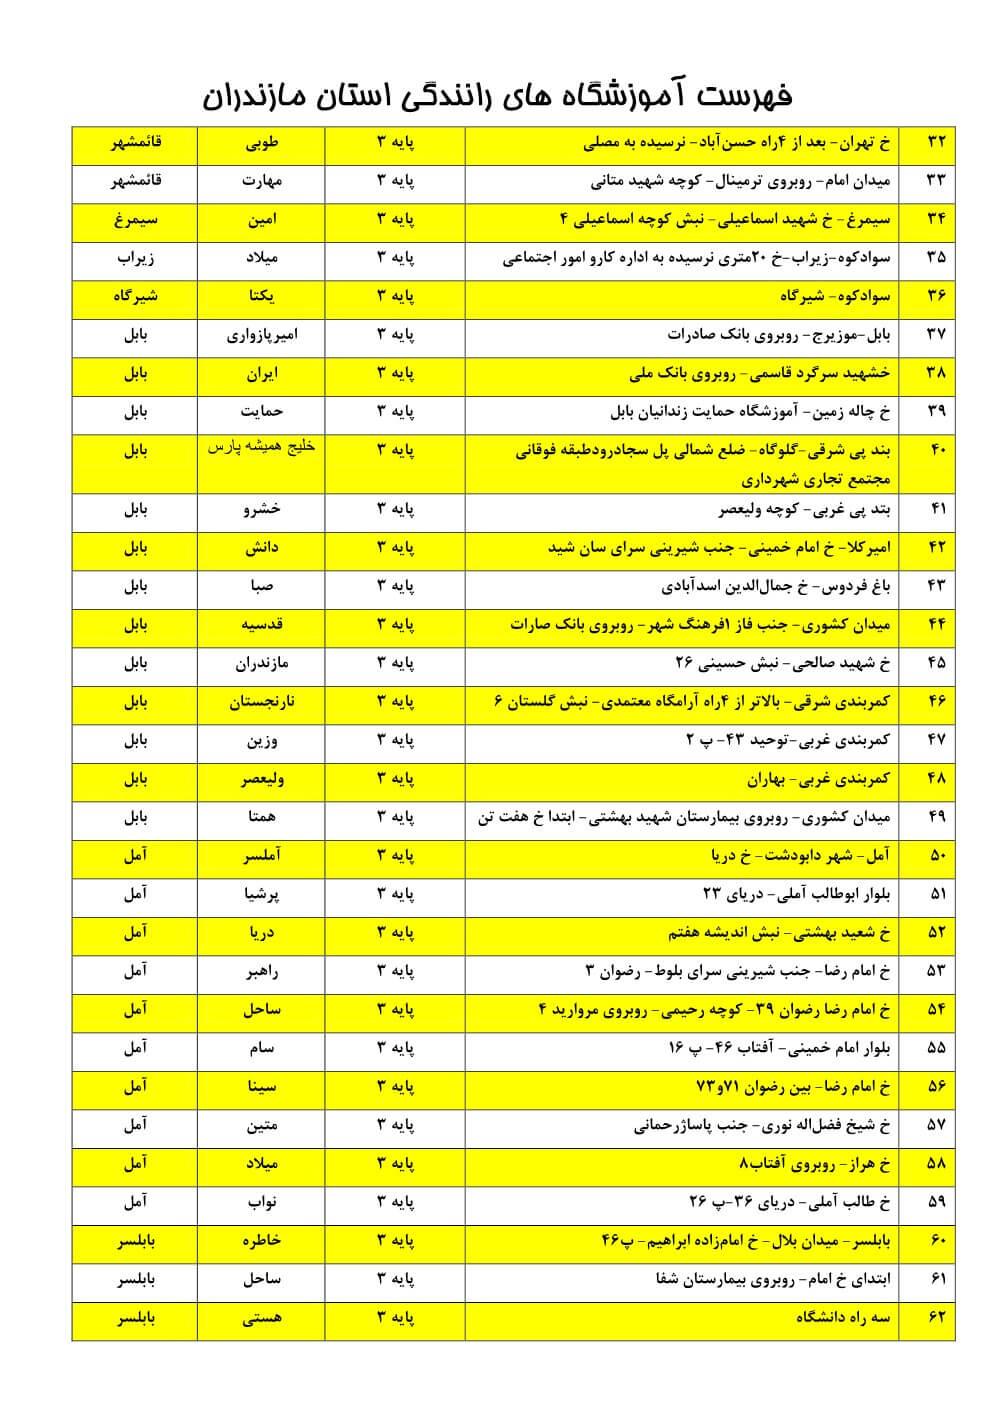 آموزشگاه های رانندگی مازندران